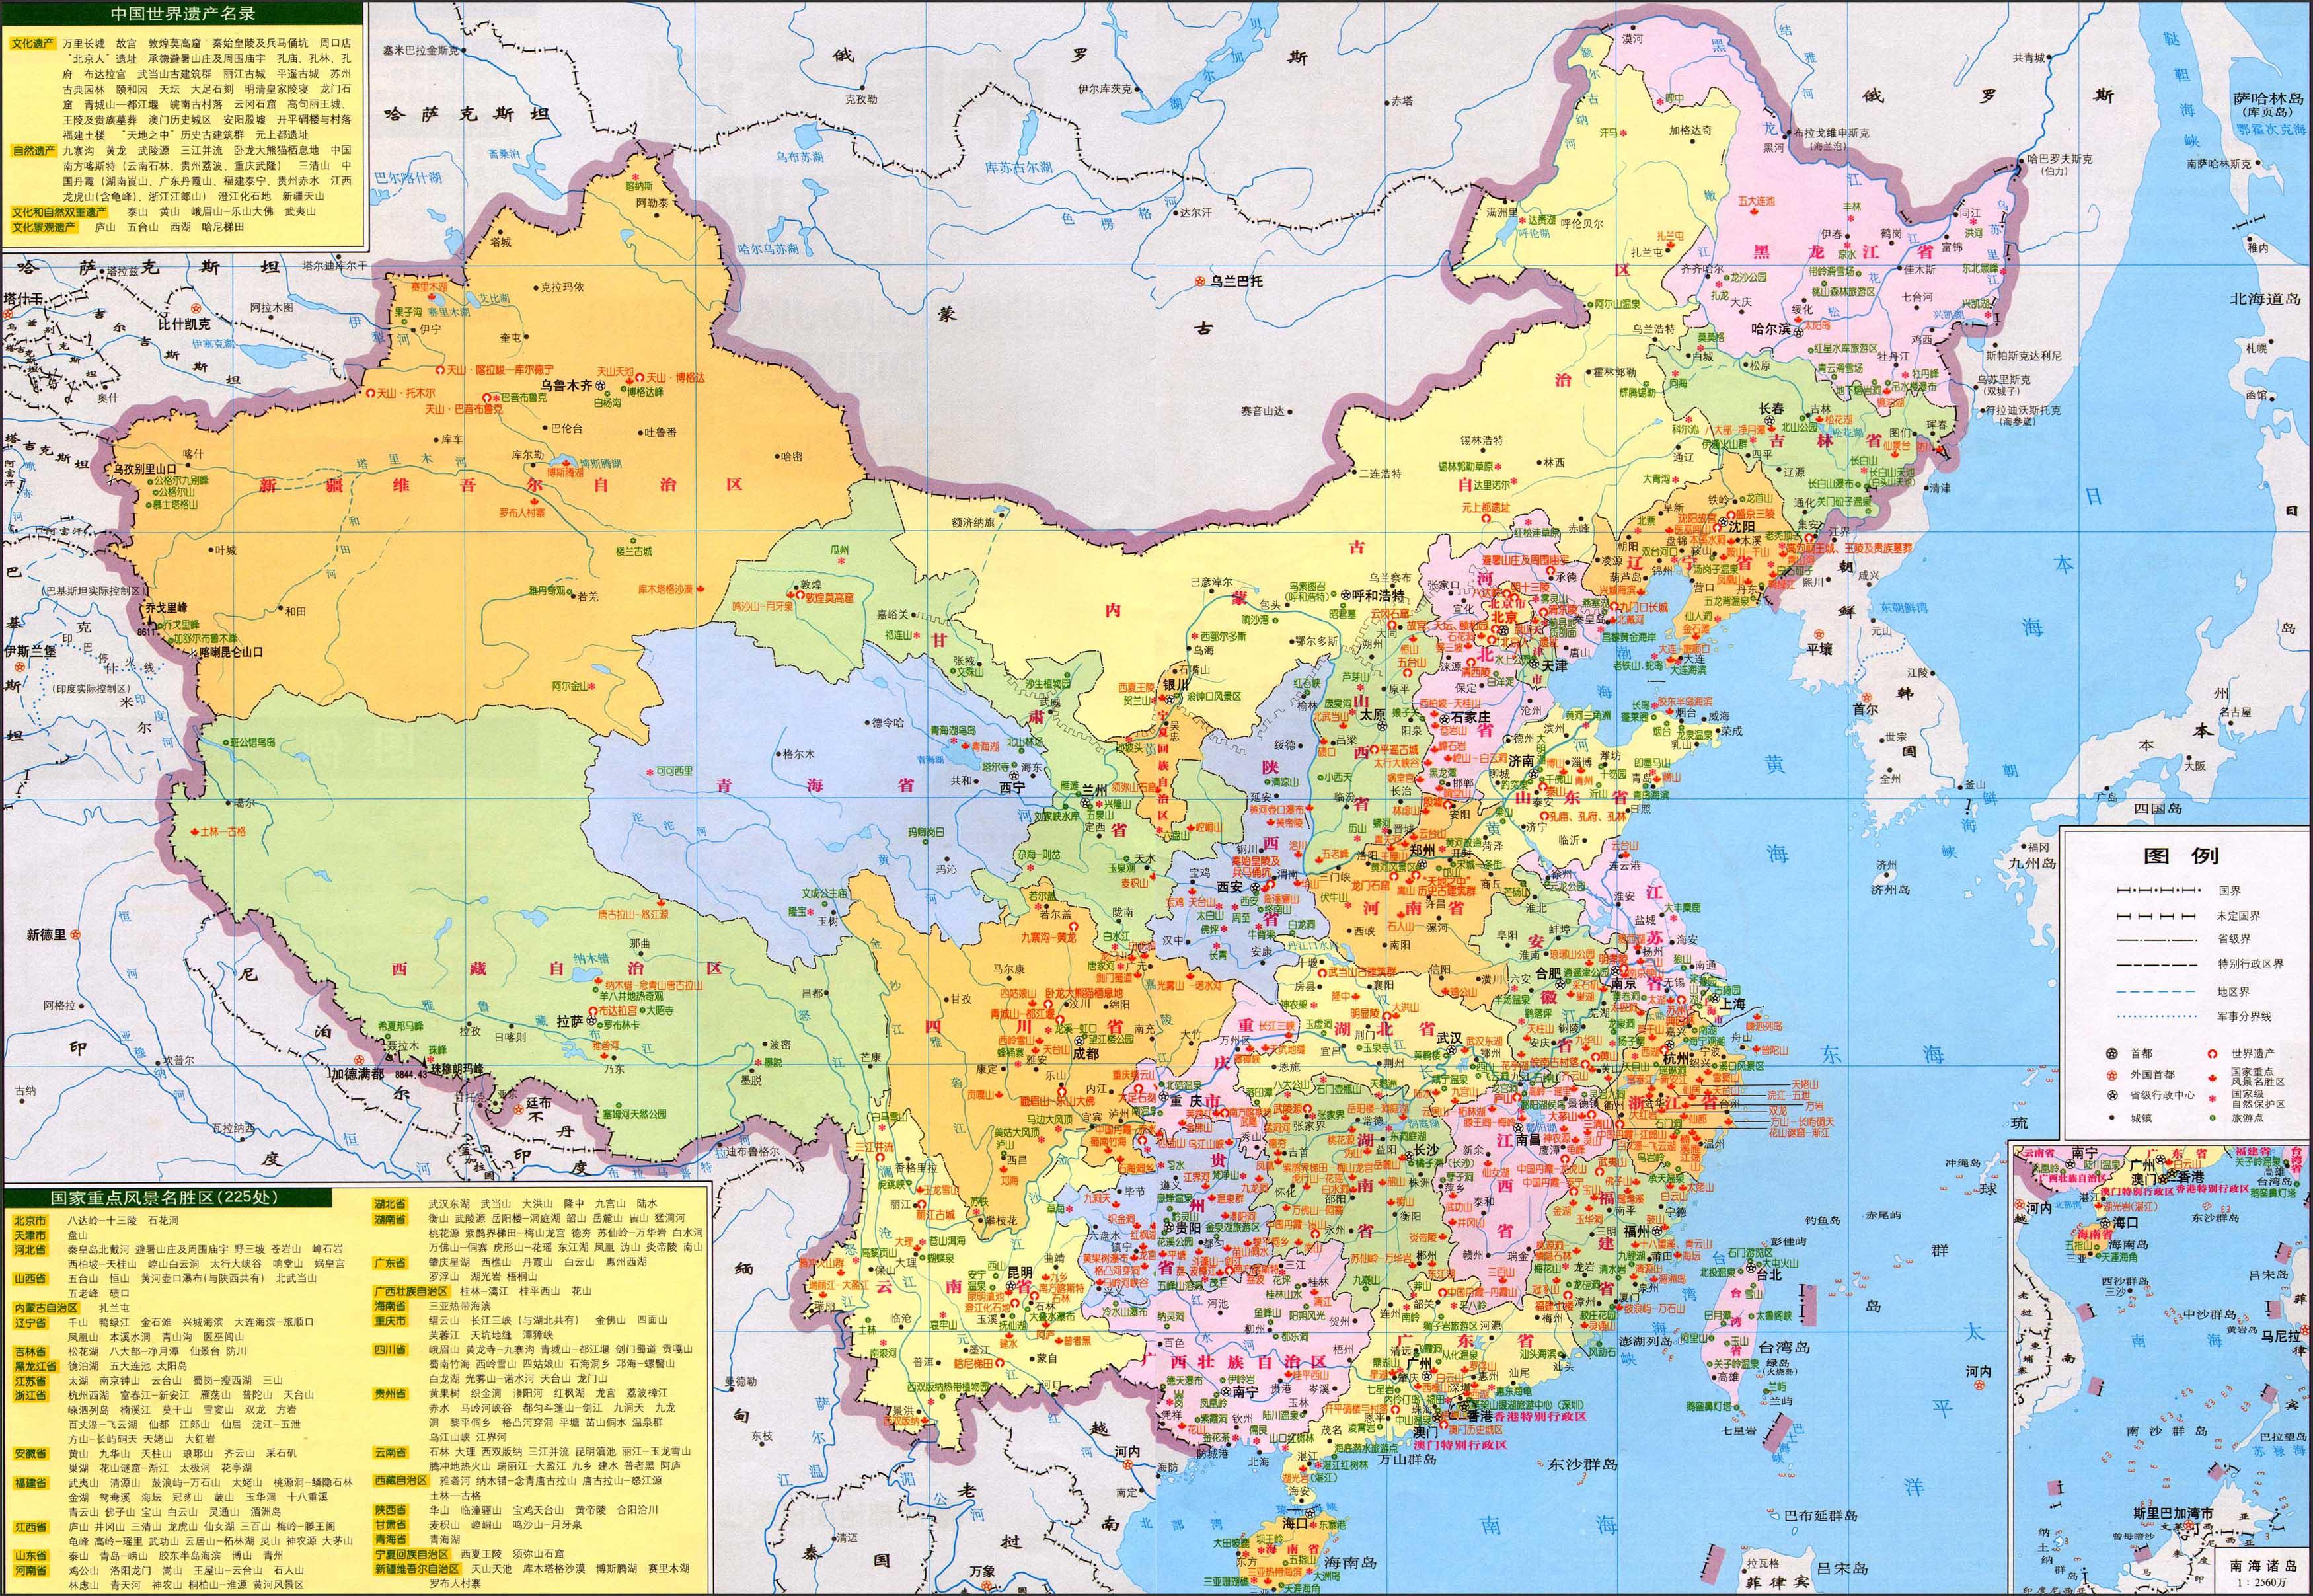 美国学校改用新世界地图 学生震惊:非洲那么大